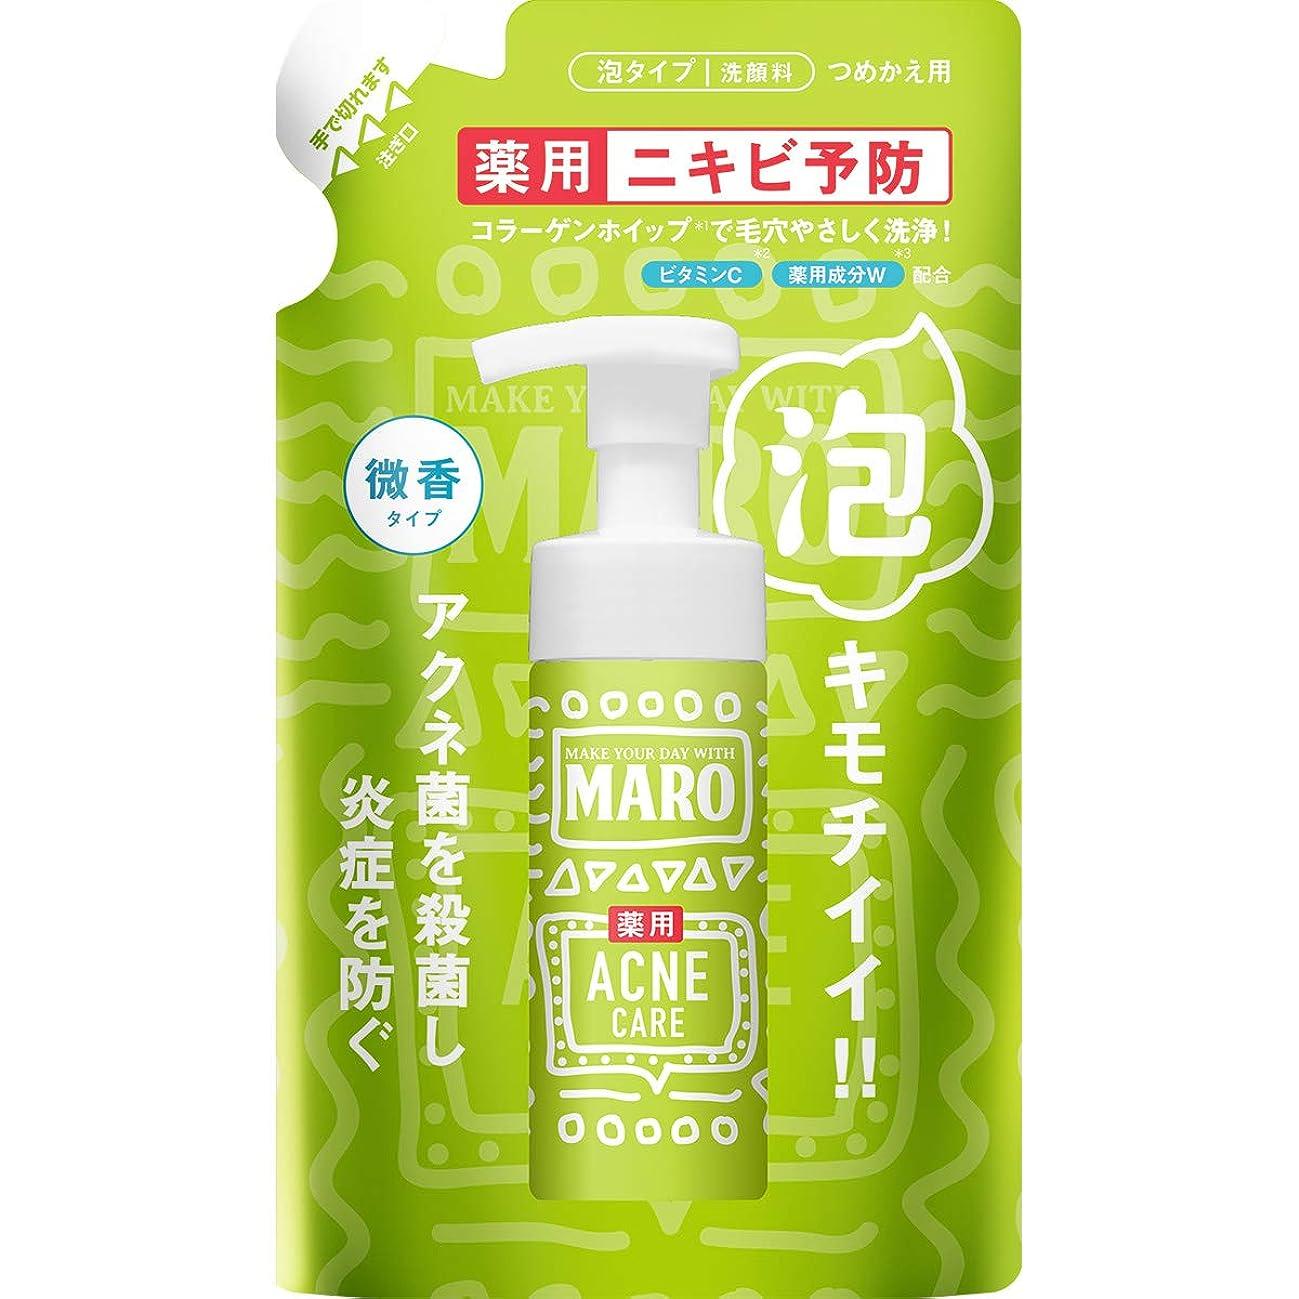 ロードハウスラグ放射するMARO グルーヴィー 洗顔料 詰め替え 薬用 アクネケア 130ml 【医薬部外品】